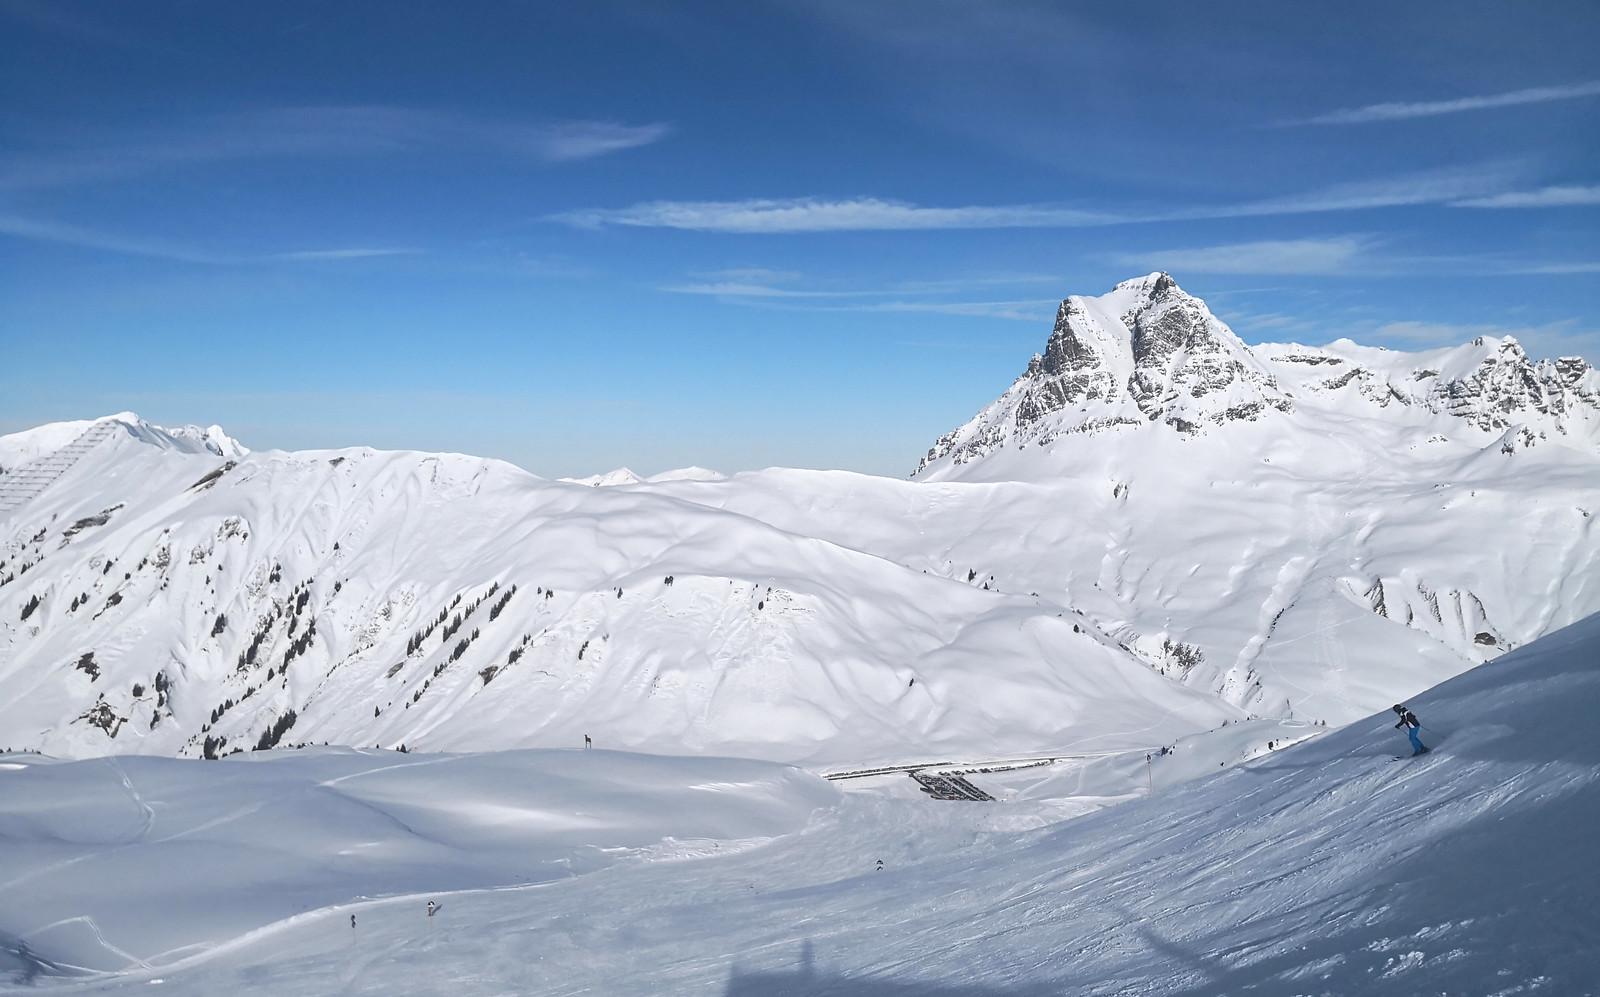 Widderstein peak